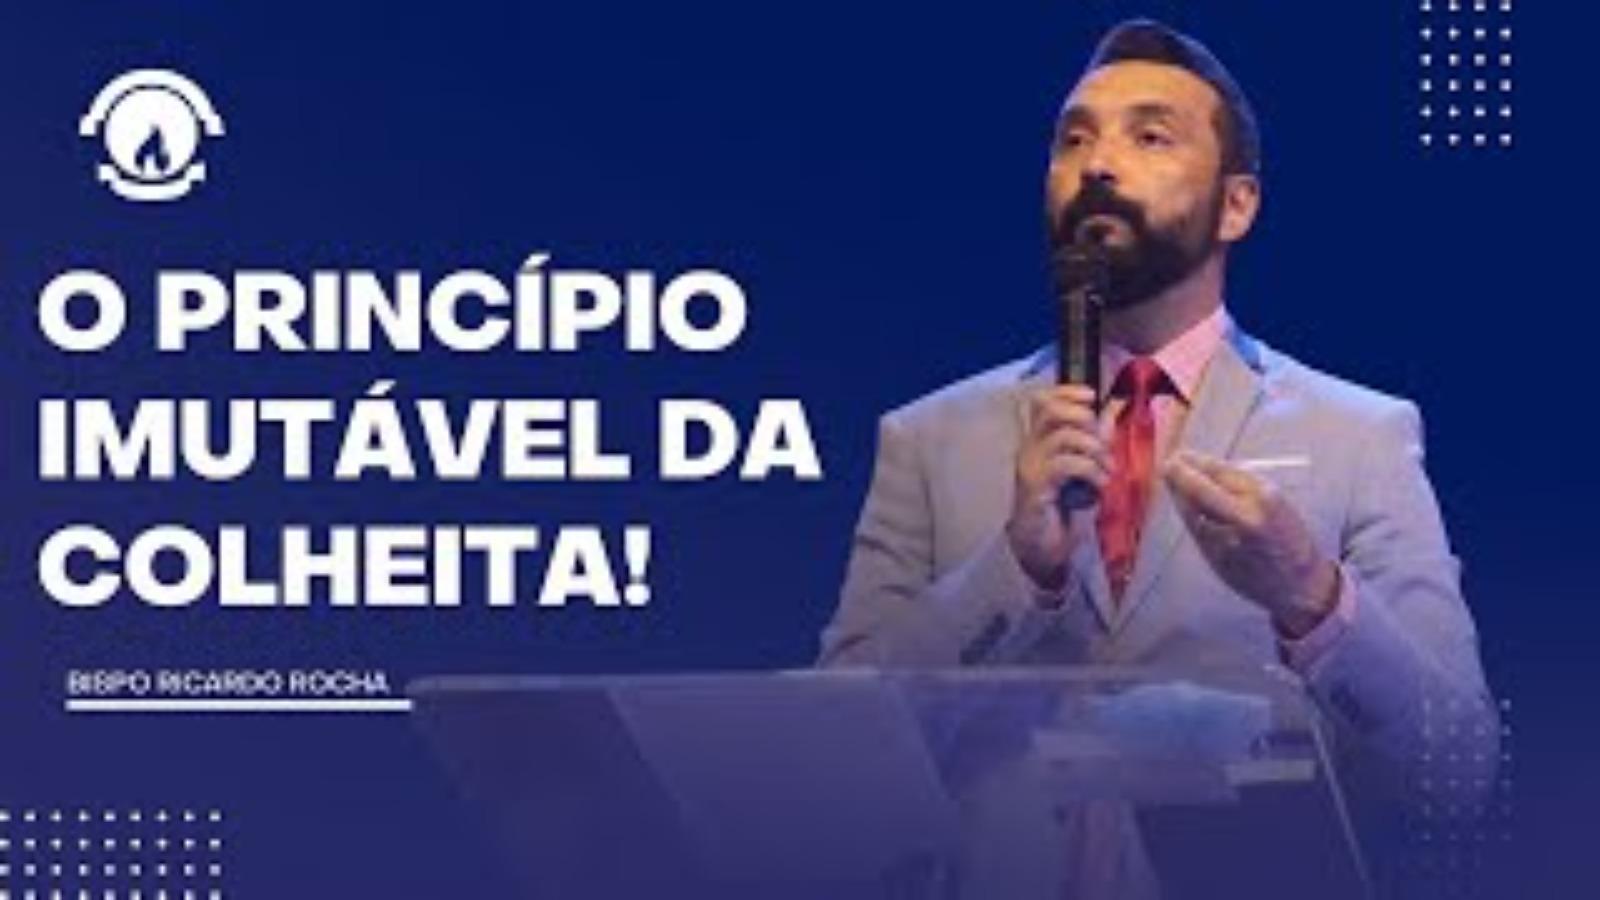 O PRINCÍPIO IMUTÁVEL DA COLHEITA!